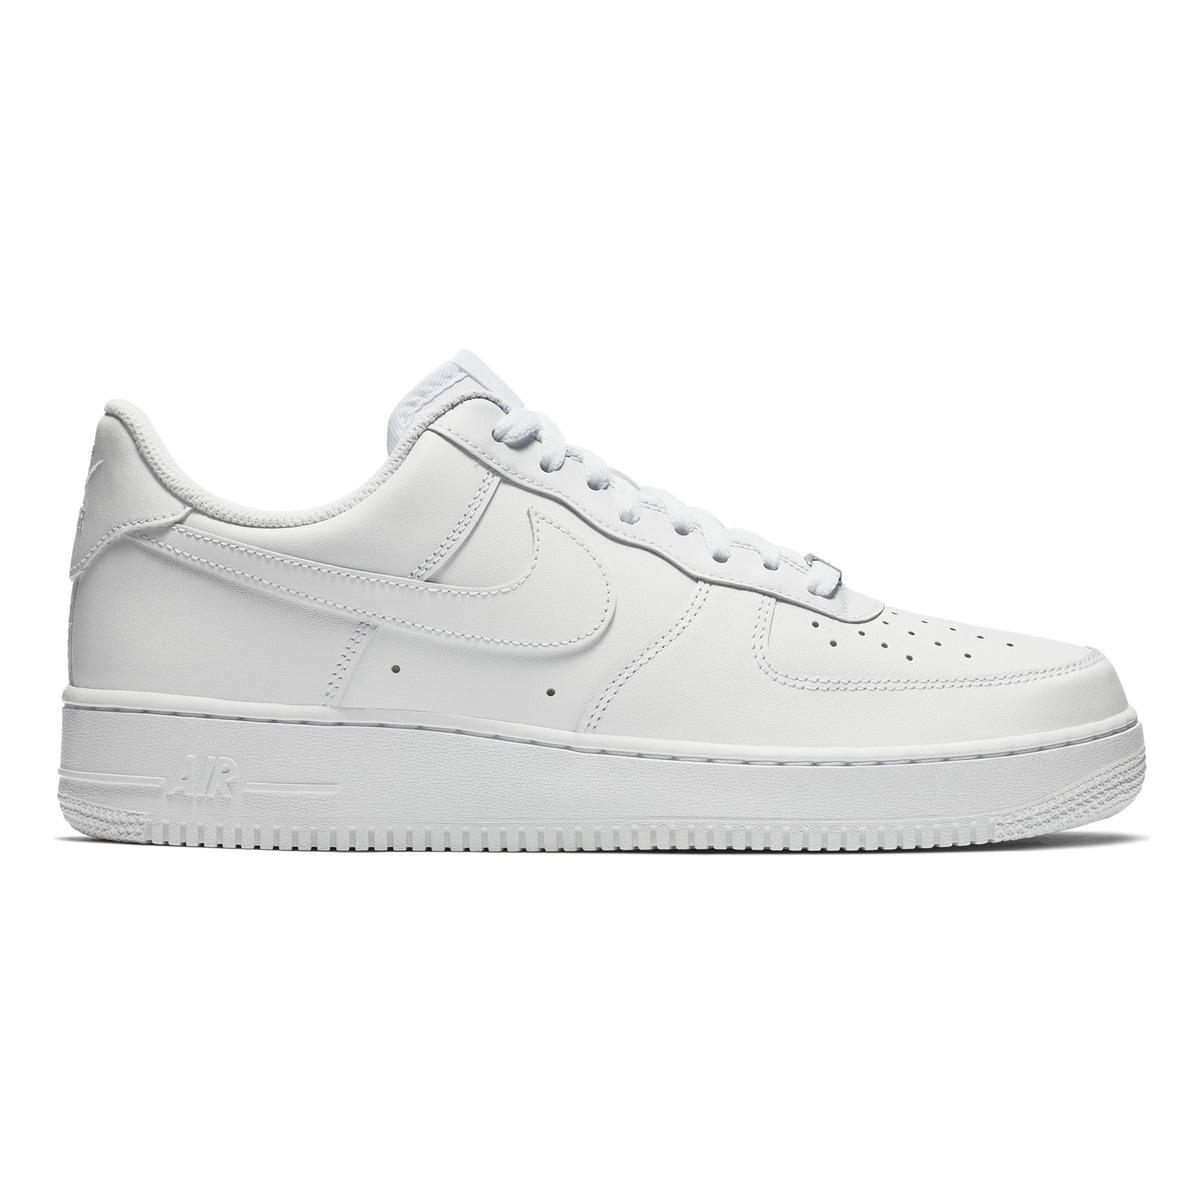 Air Force 1 '07 Nike